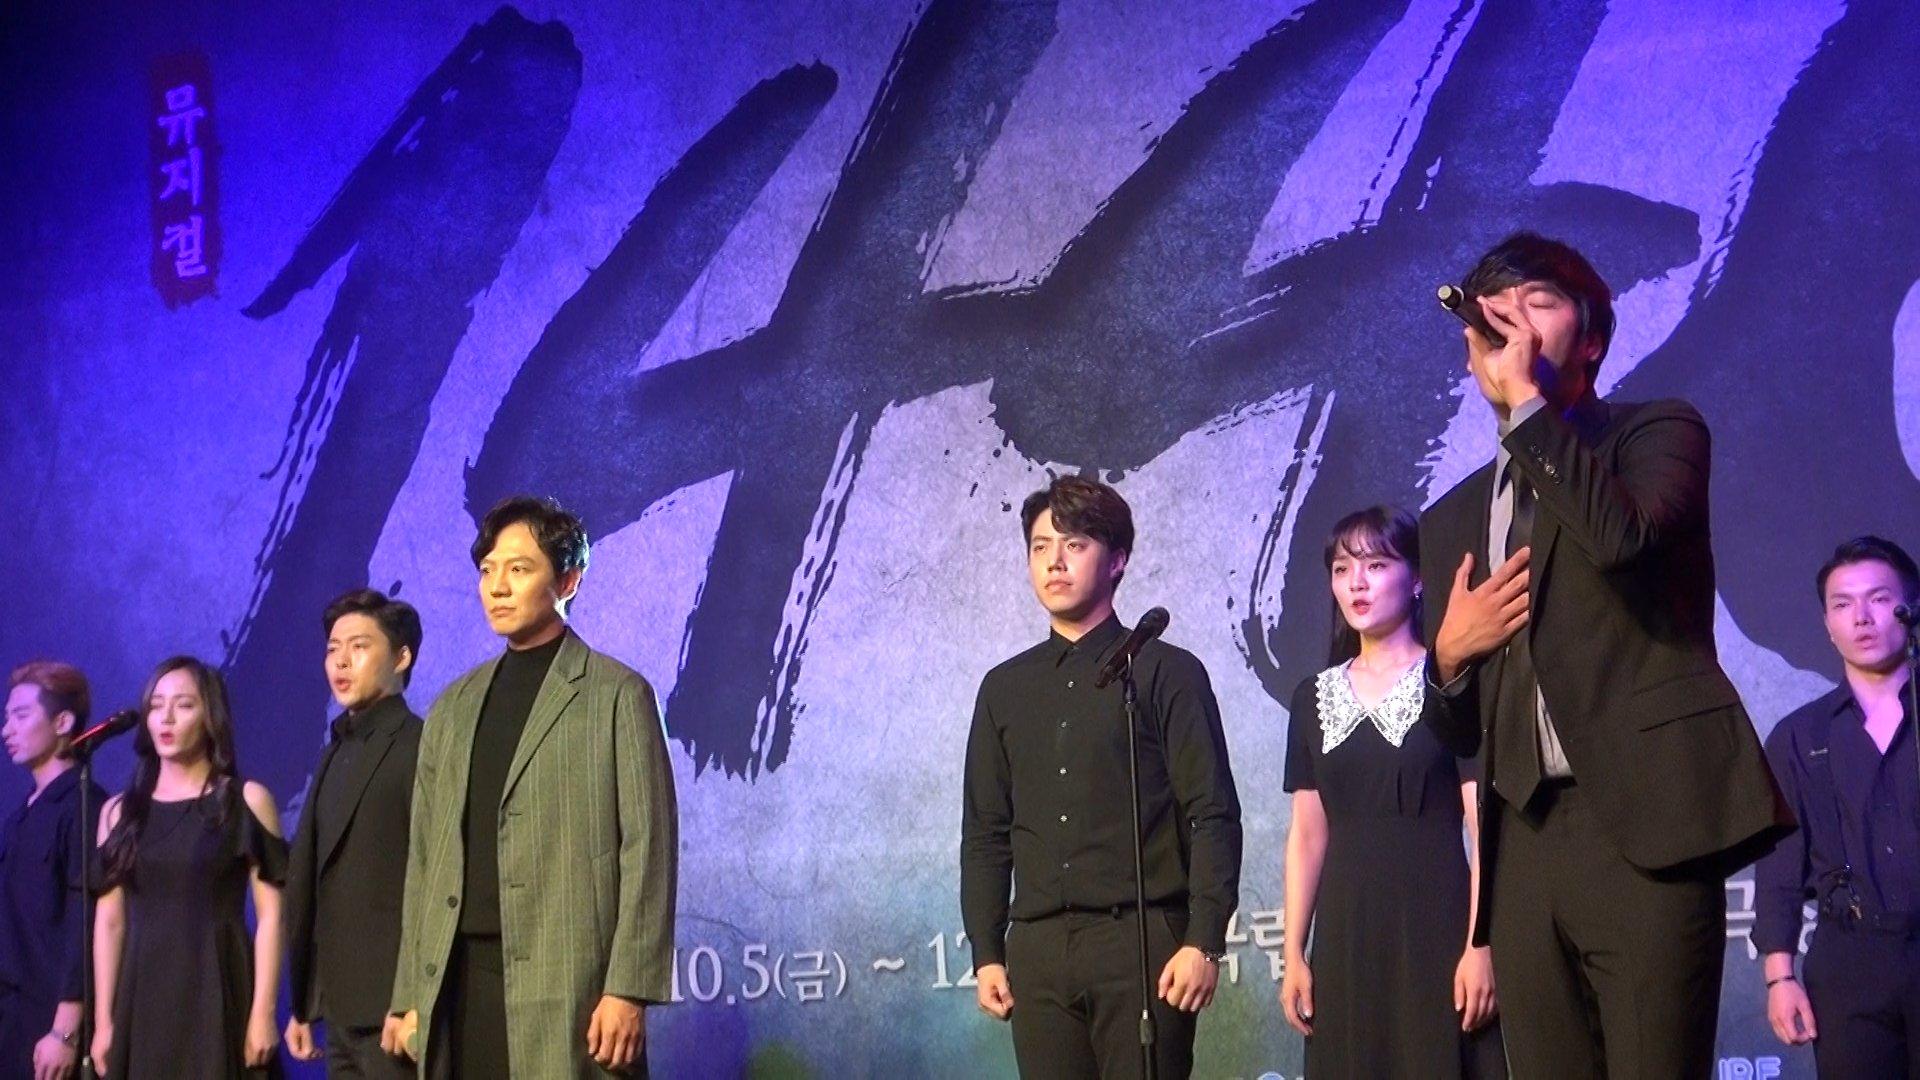 '1446' 제작발표회 '왕의 길' - 정상윤, 고영빈, 황민수 외